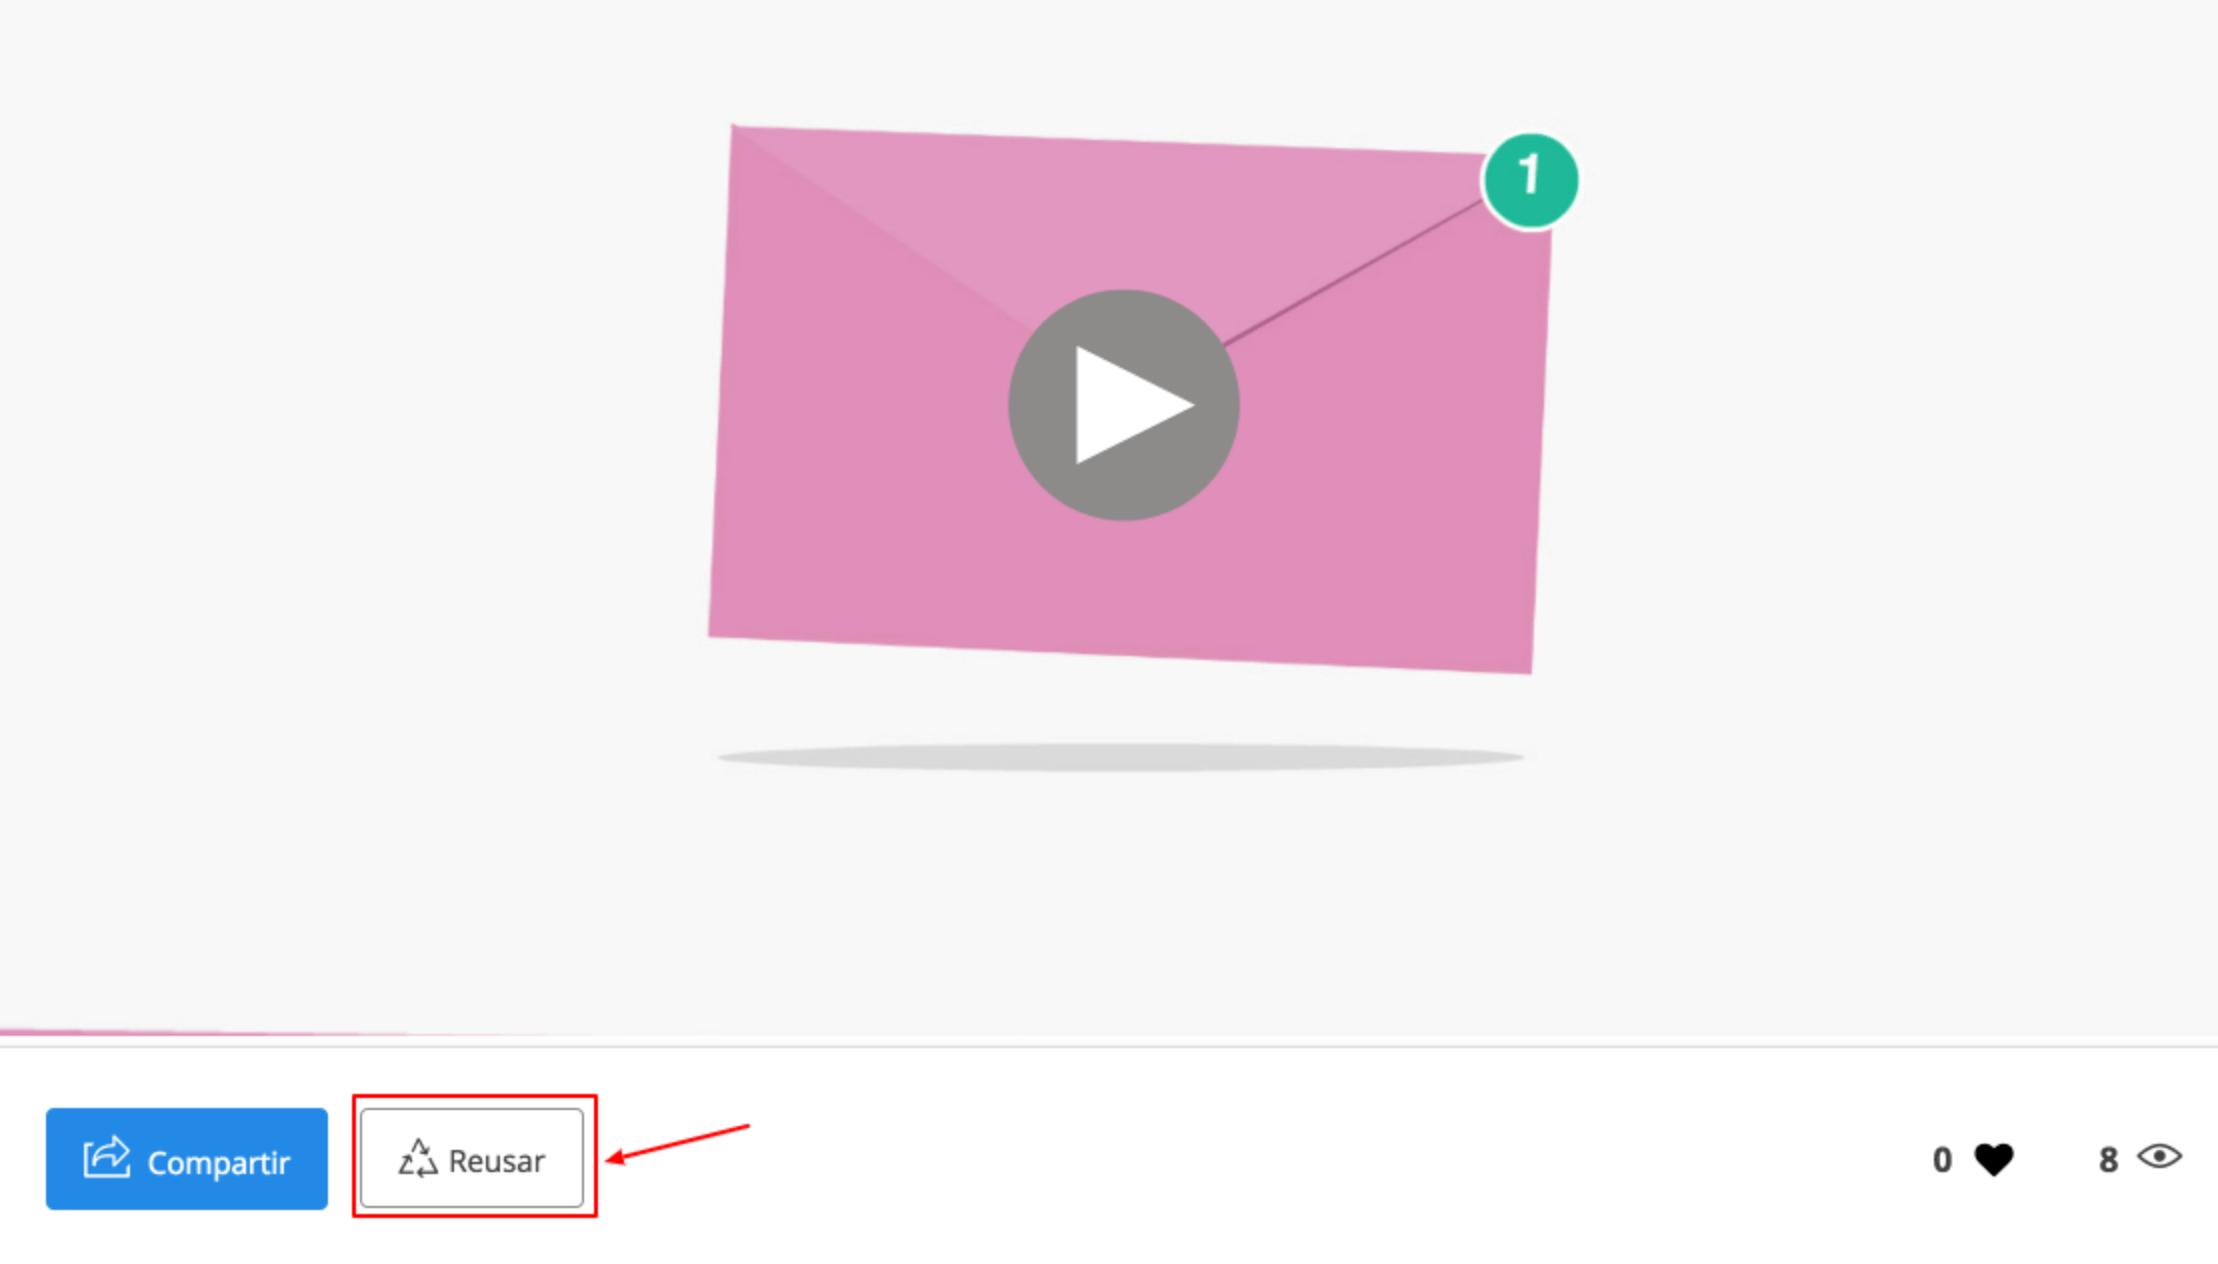 imagen mostrando boton reusar